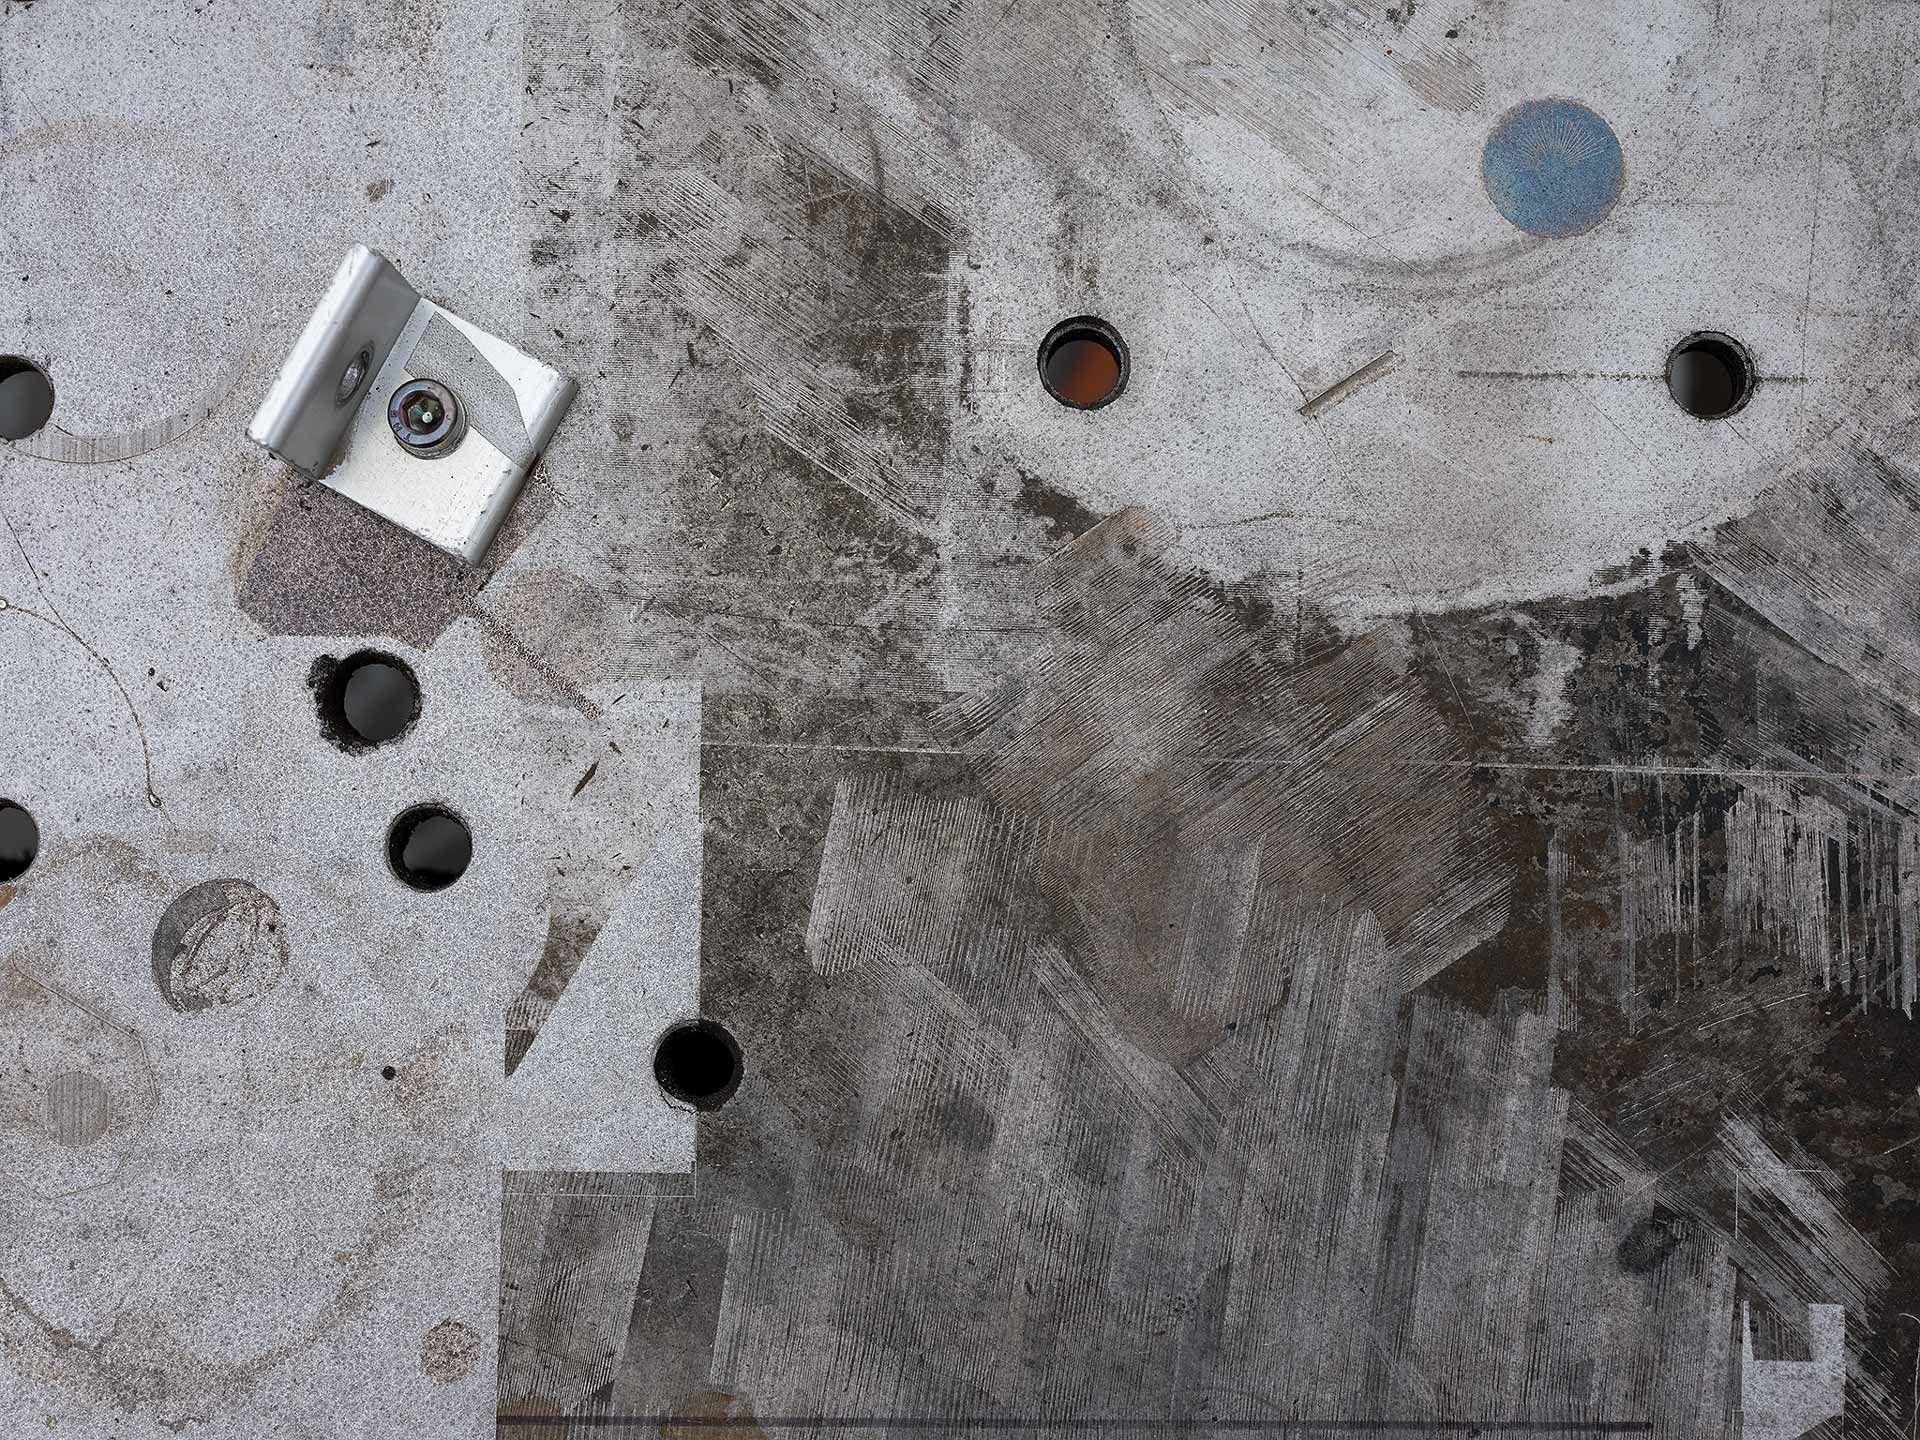 Contre-plongé de ciment sur lequel tests au laser ont été effectués.